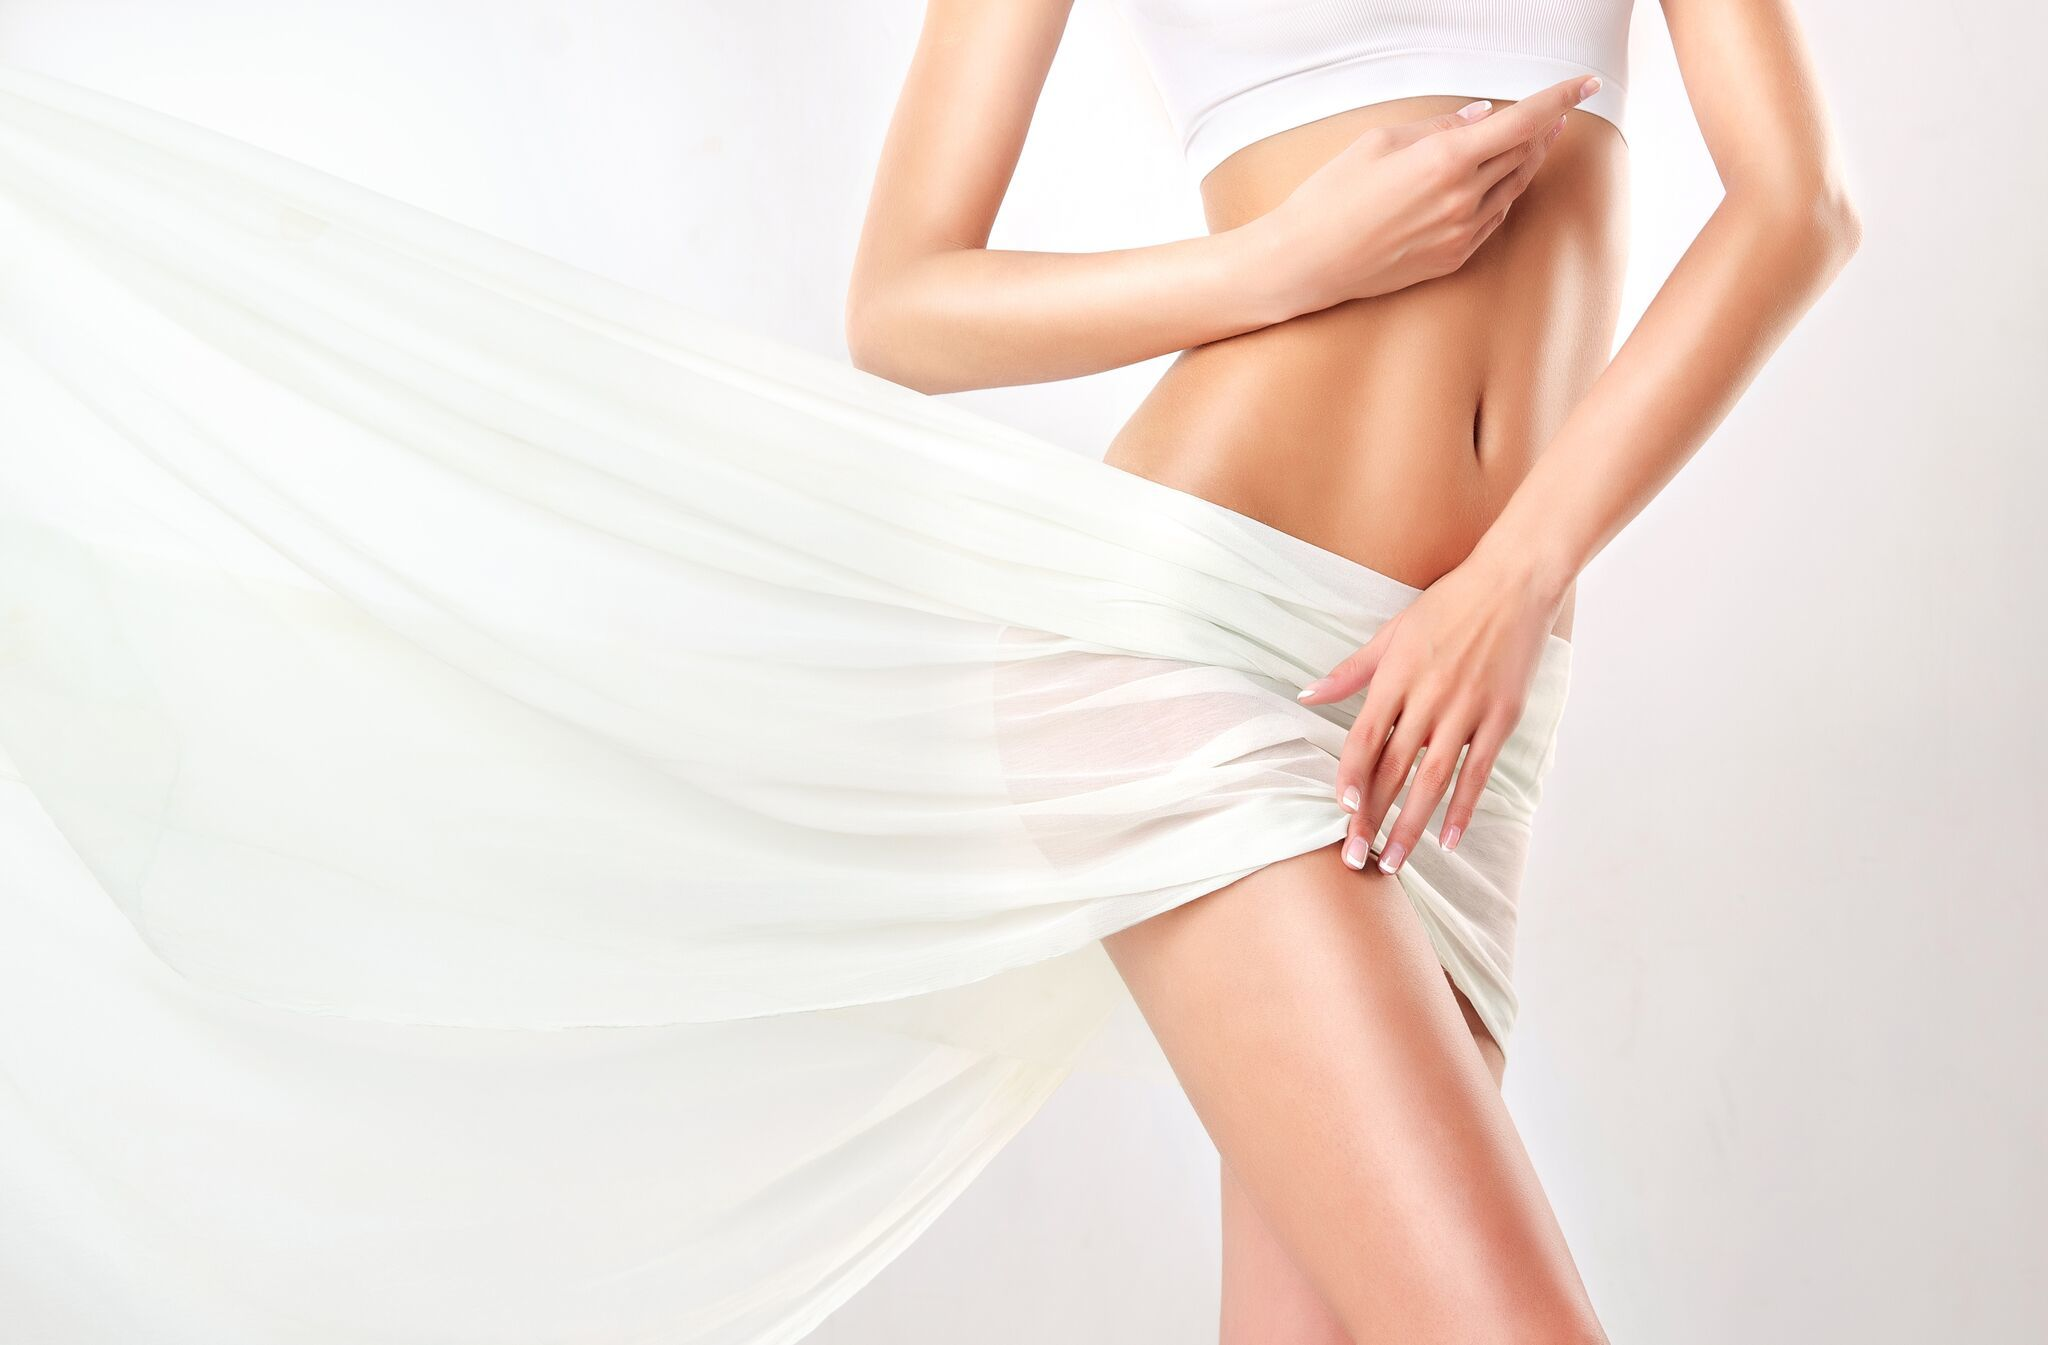 7 Penyebab Aroma Tak Sedap dari Vagina, Bisa Jadi Karena Kelalaianmu